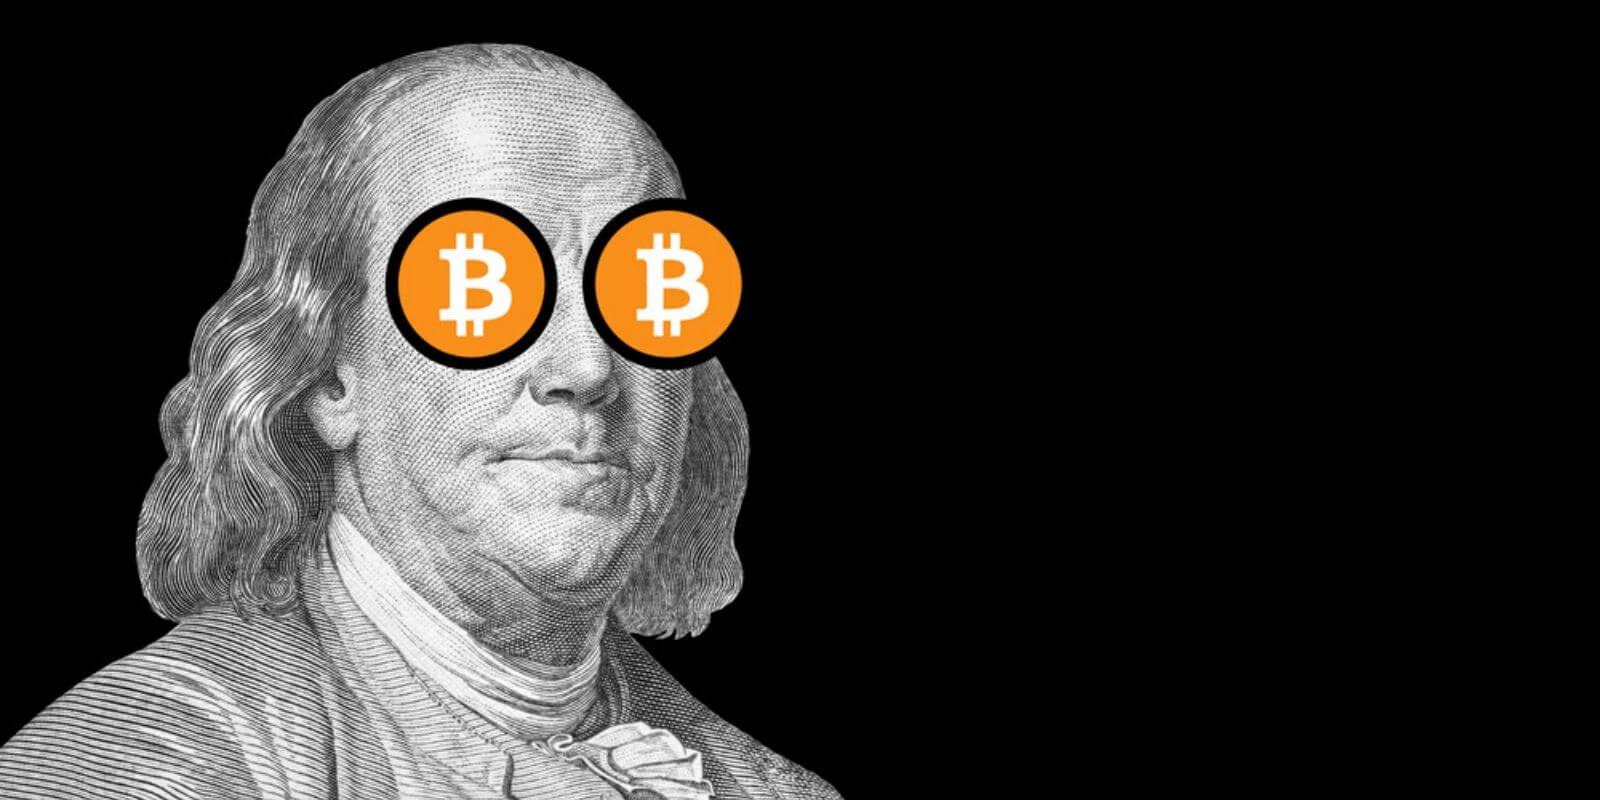 Sondage: les cryptos prennent de l'ampleur aux Etats-Unis